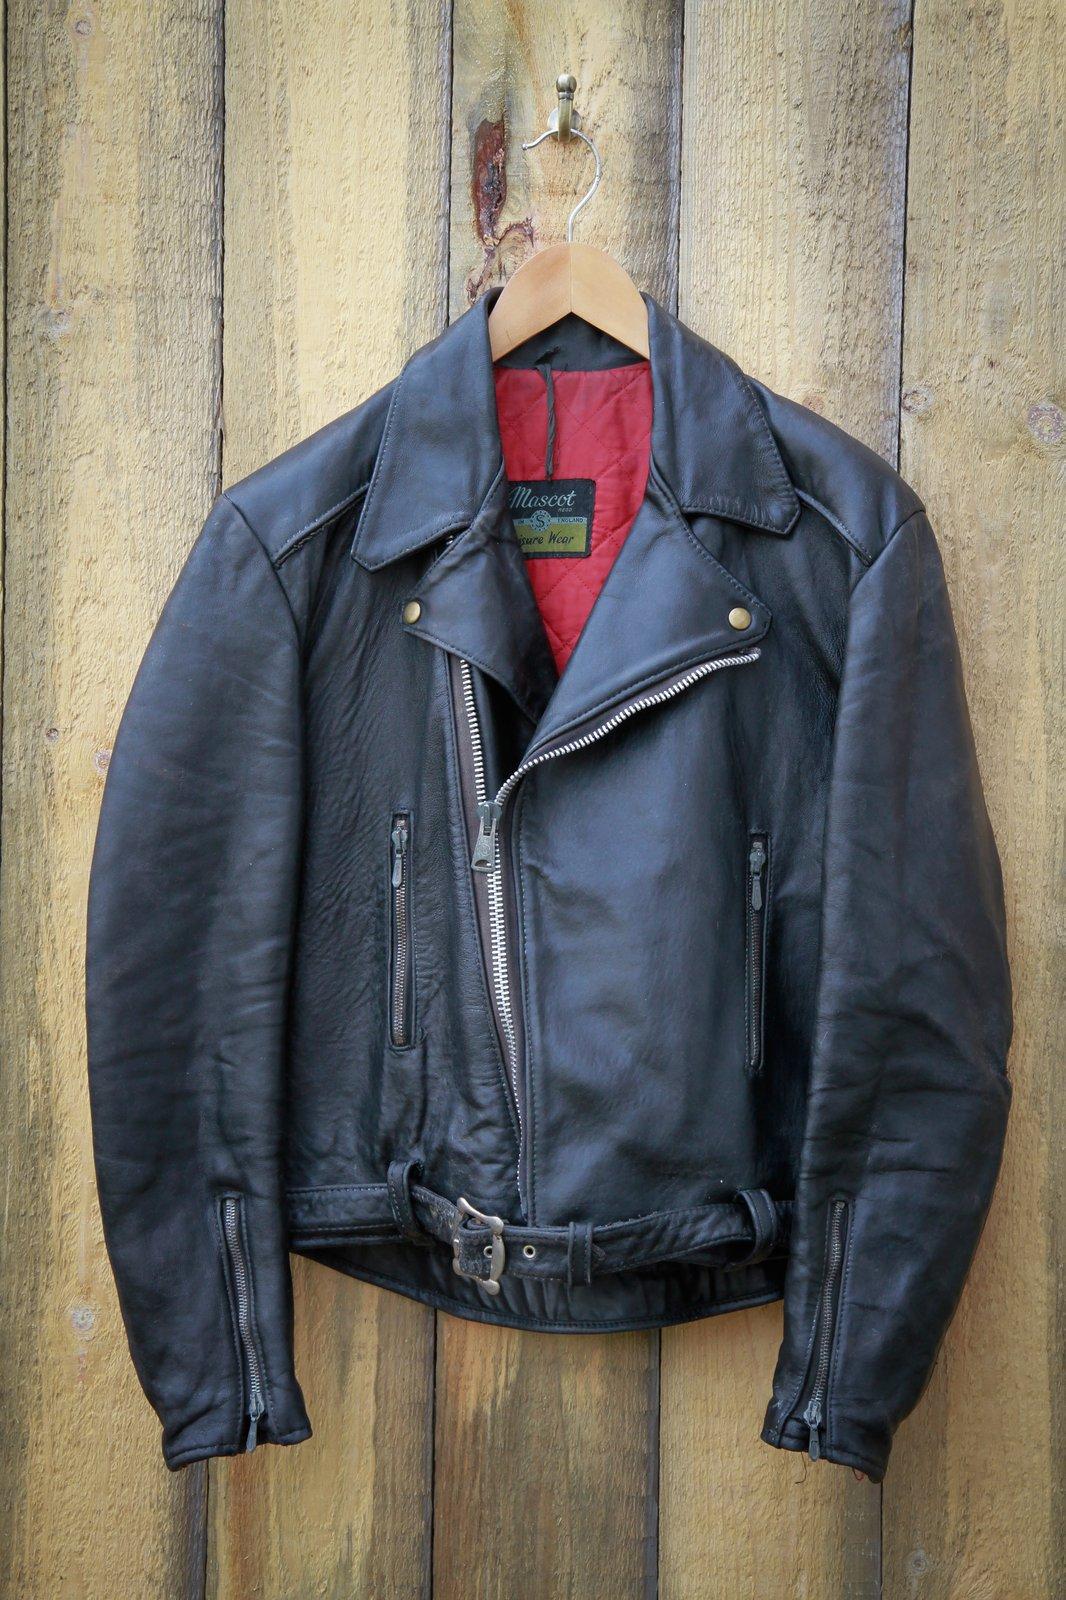 Mascot leather jacket